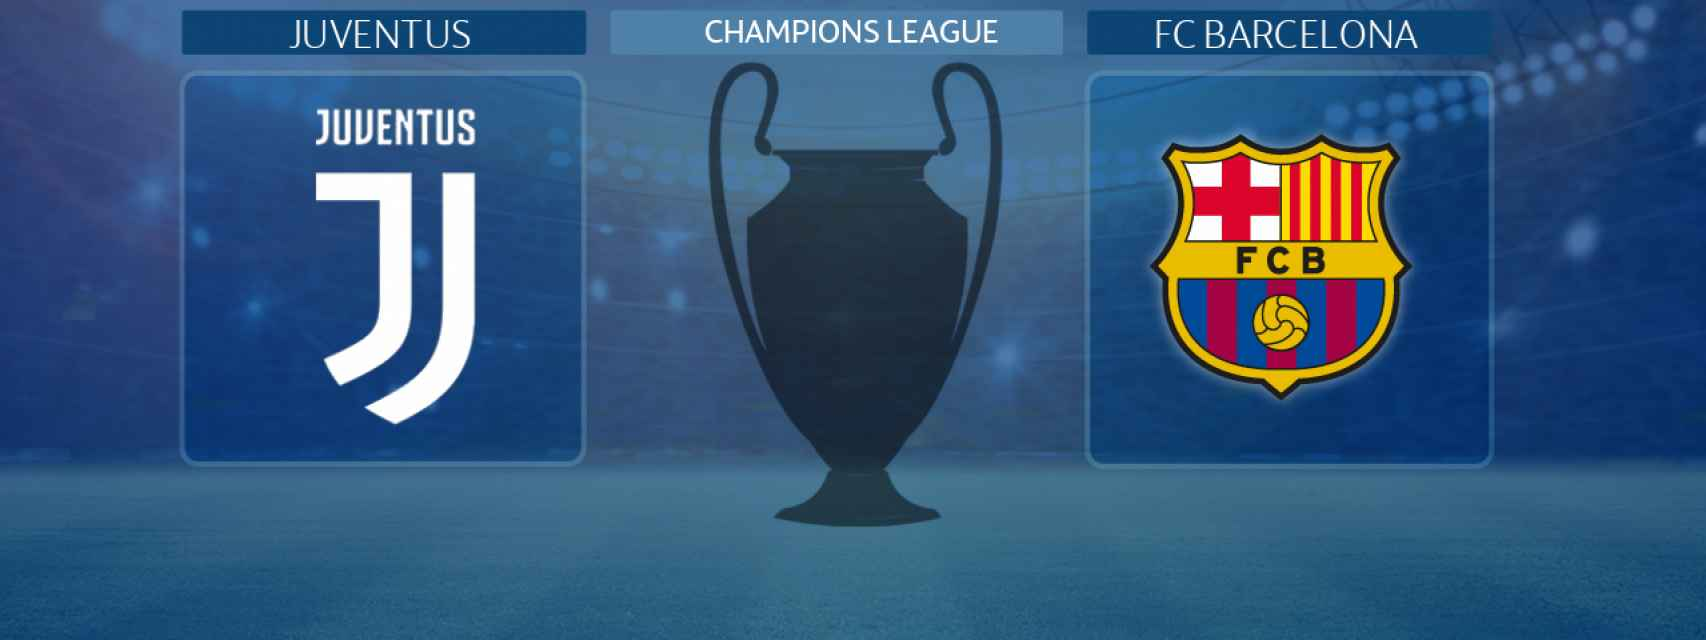 Juventus - FC Barcelona, partido de la Champions League